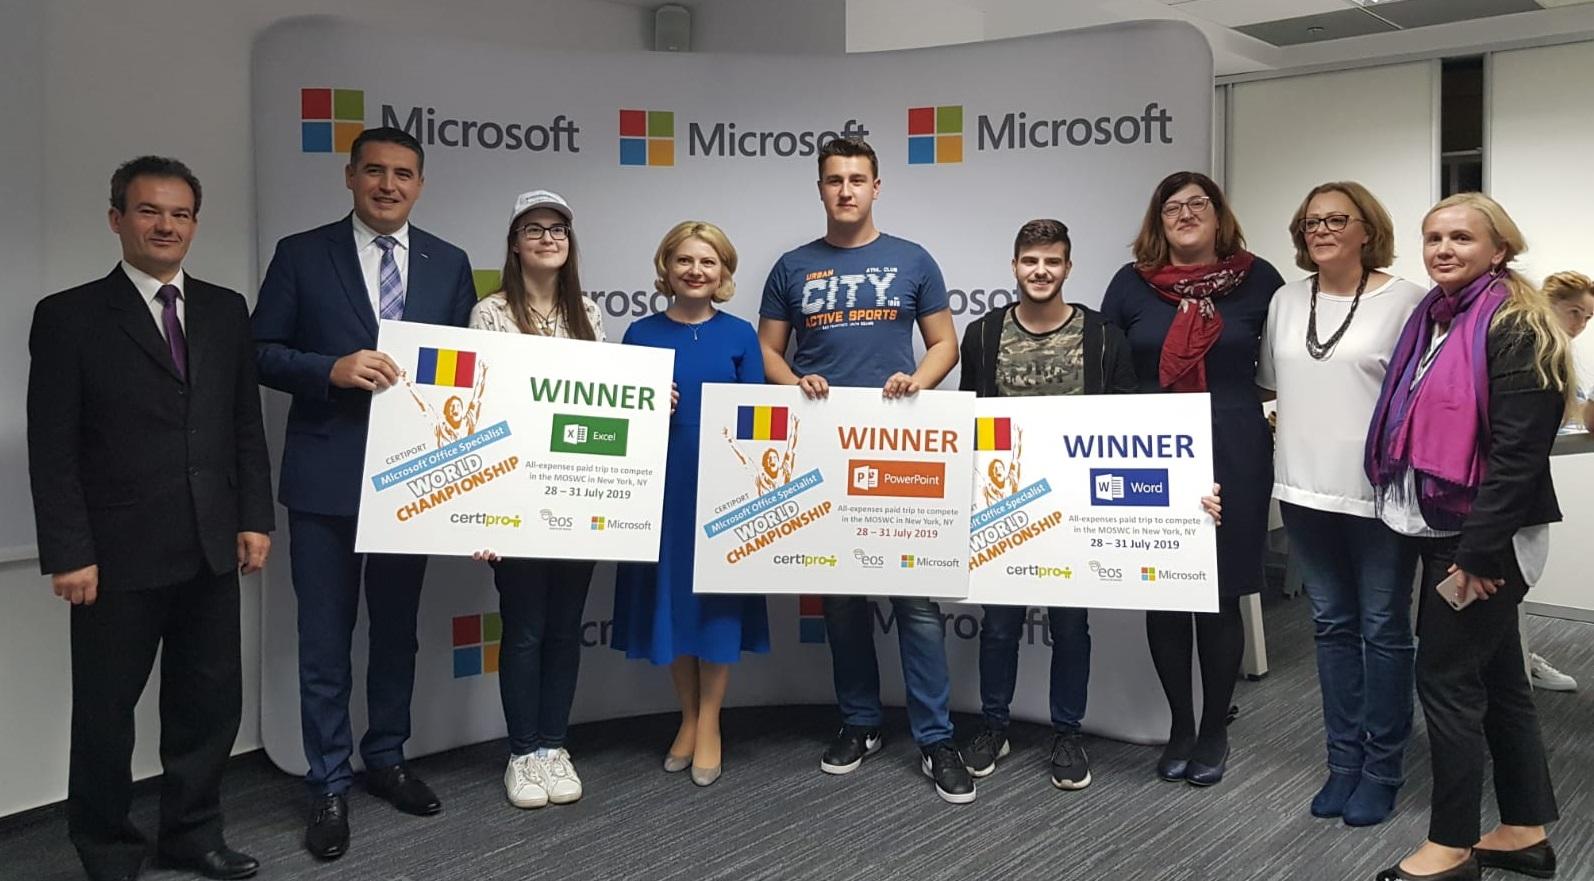 Competențe digitale pentru finala CM Microsoft Office Specialist 2019